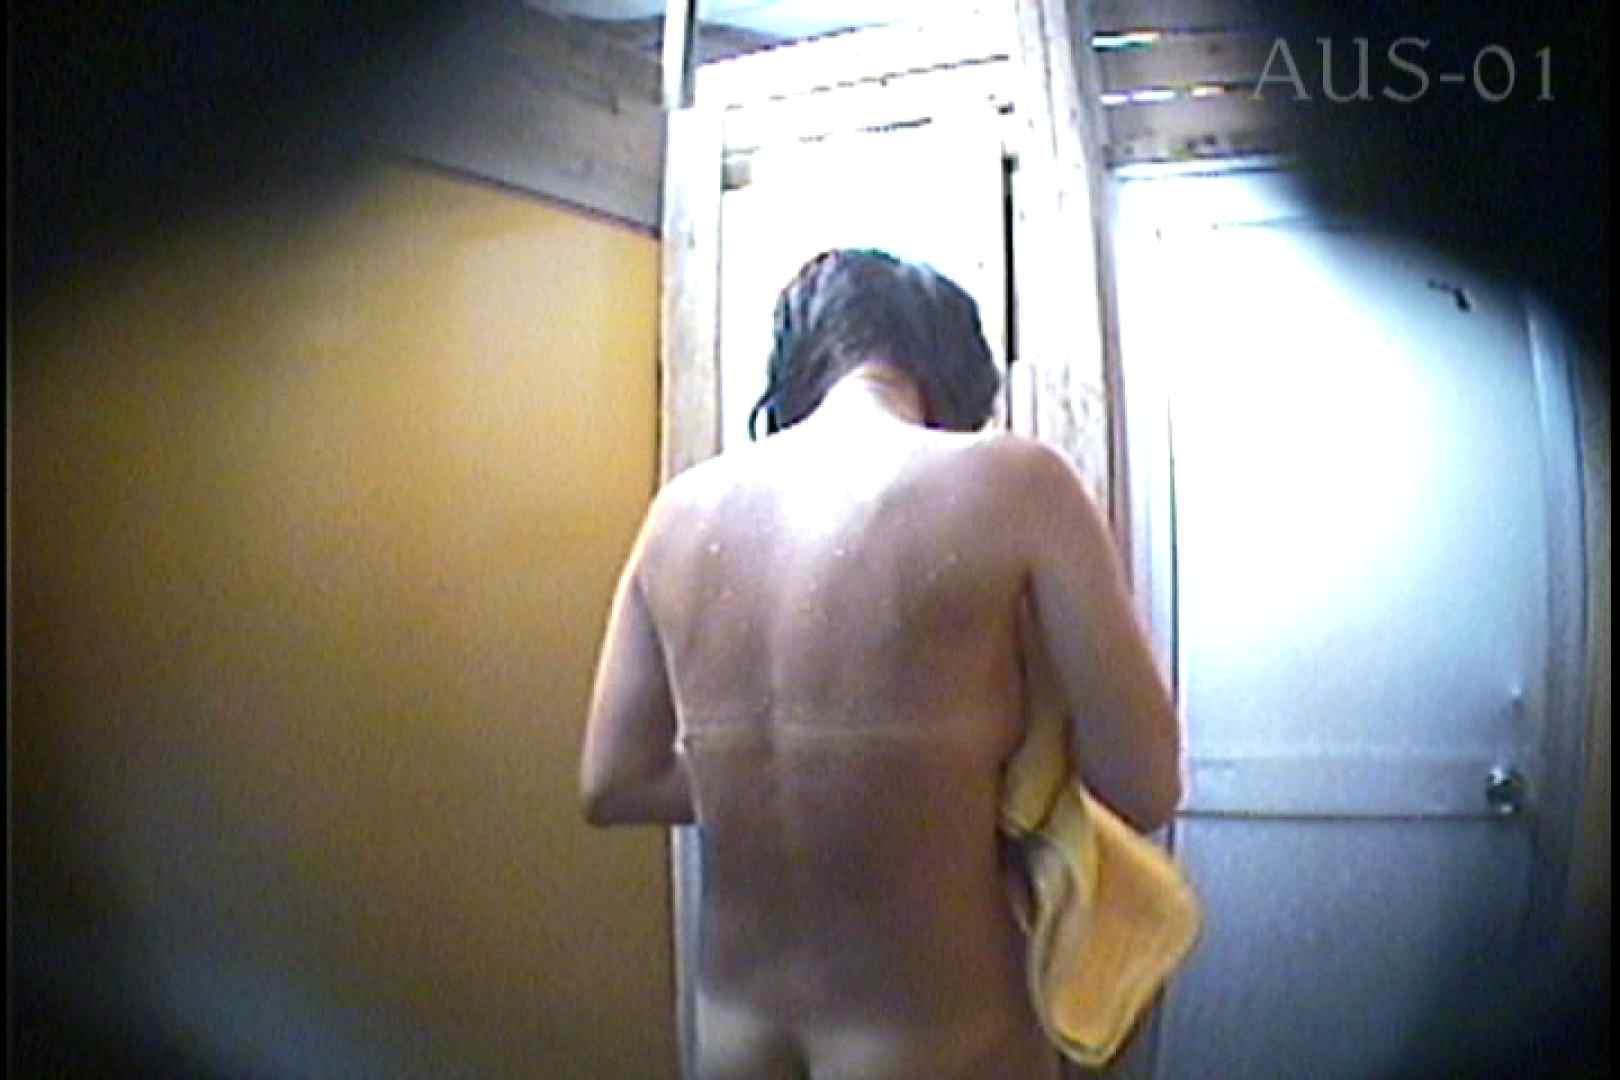 海の家の更衣室 Vol.01 美女のボディ セックス画像 105PIX 71